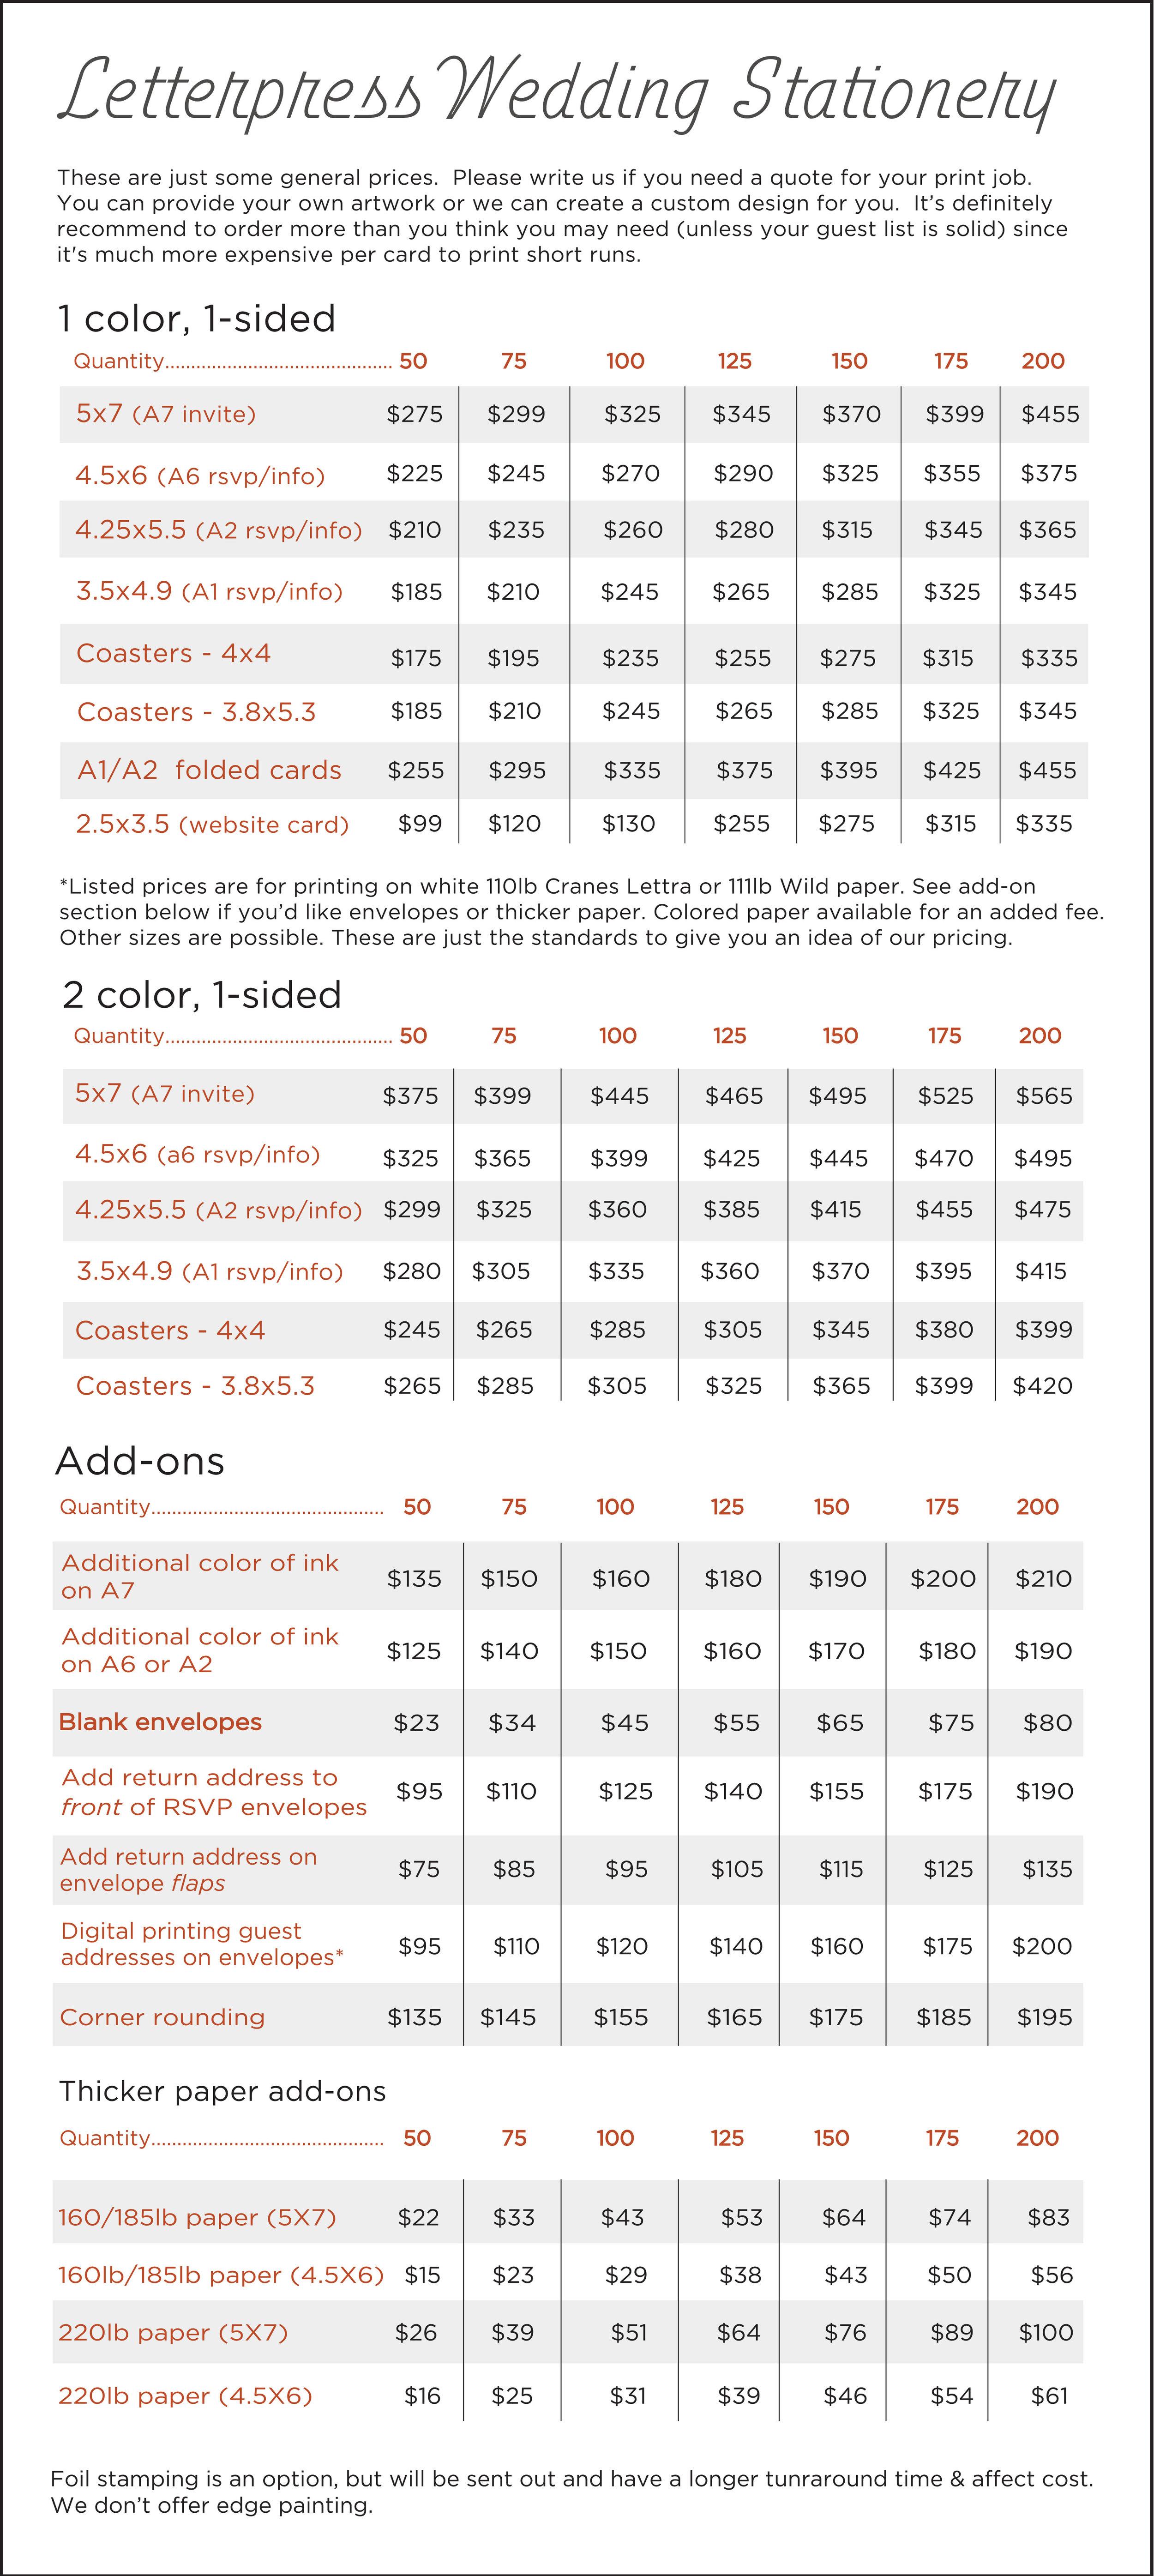 Letterpress invite pricing 18a